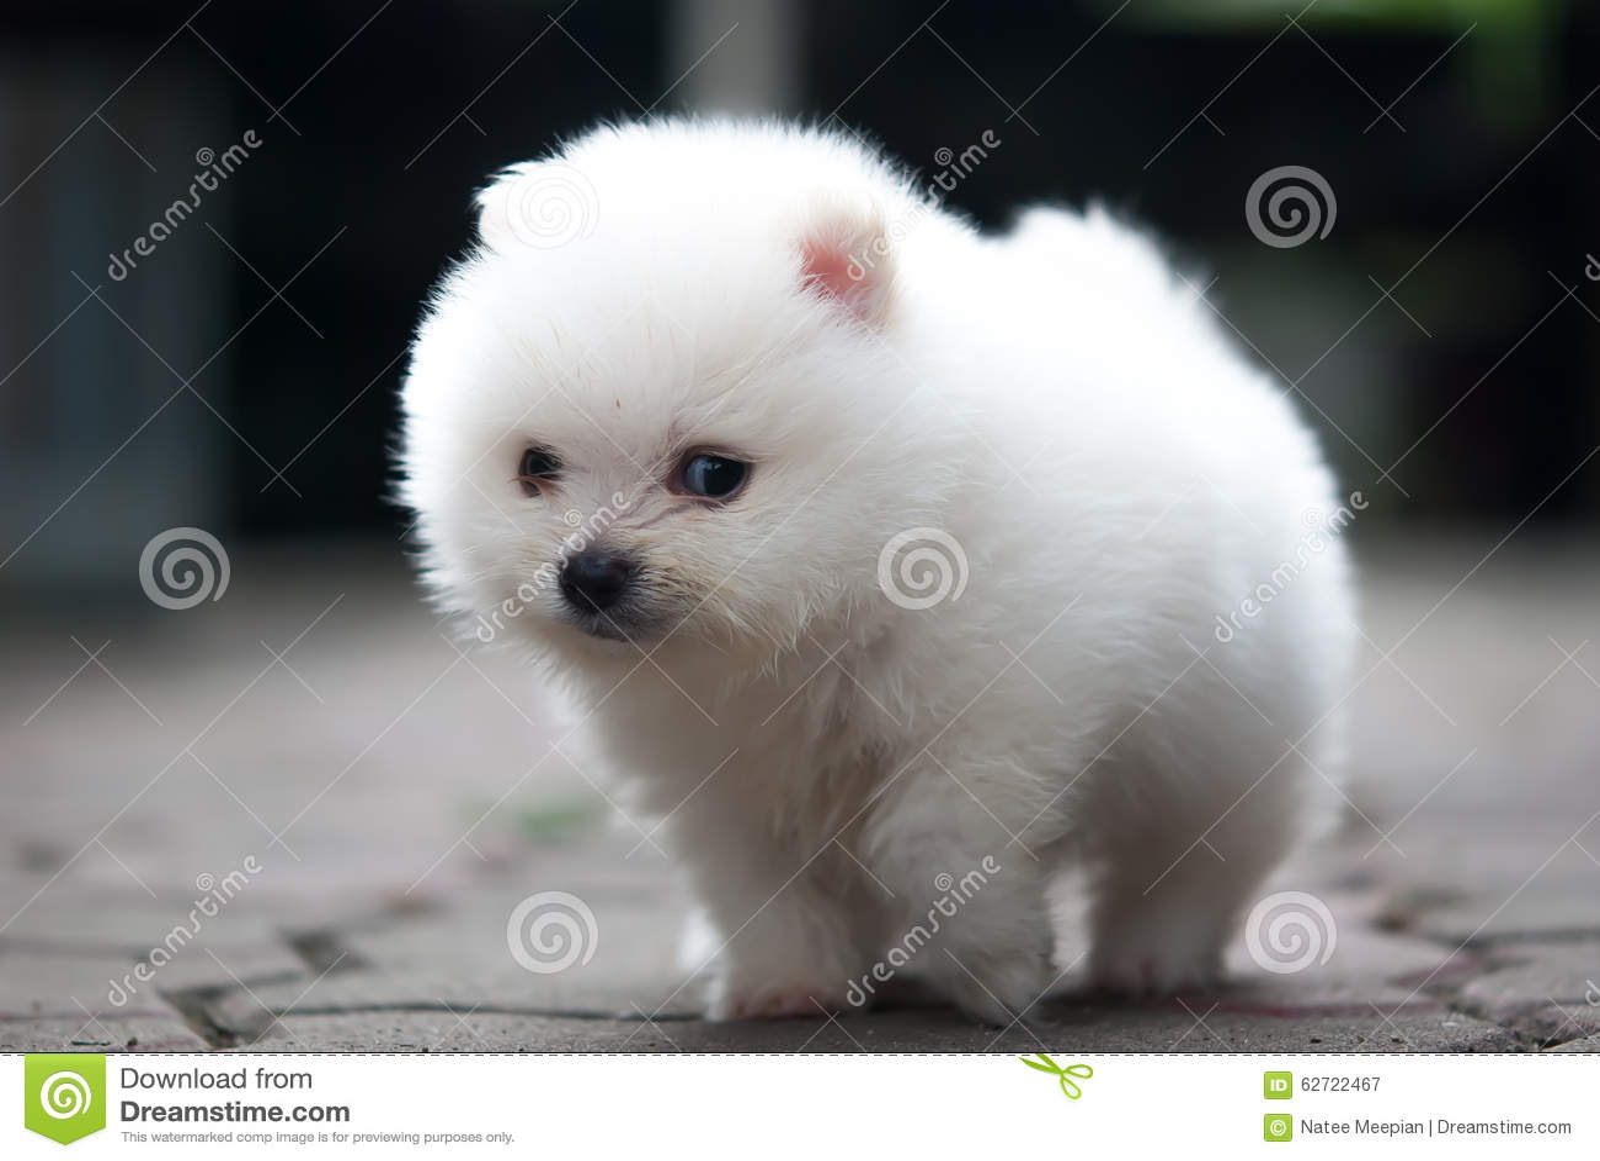 Πορτρέτο ενός άσπρου κουταβιού Pomeranian